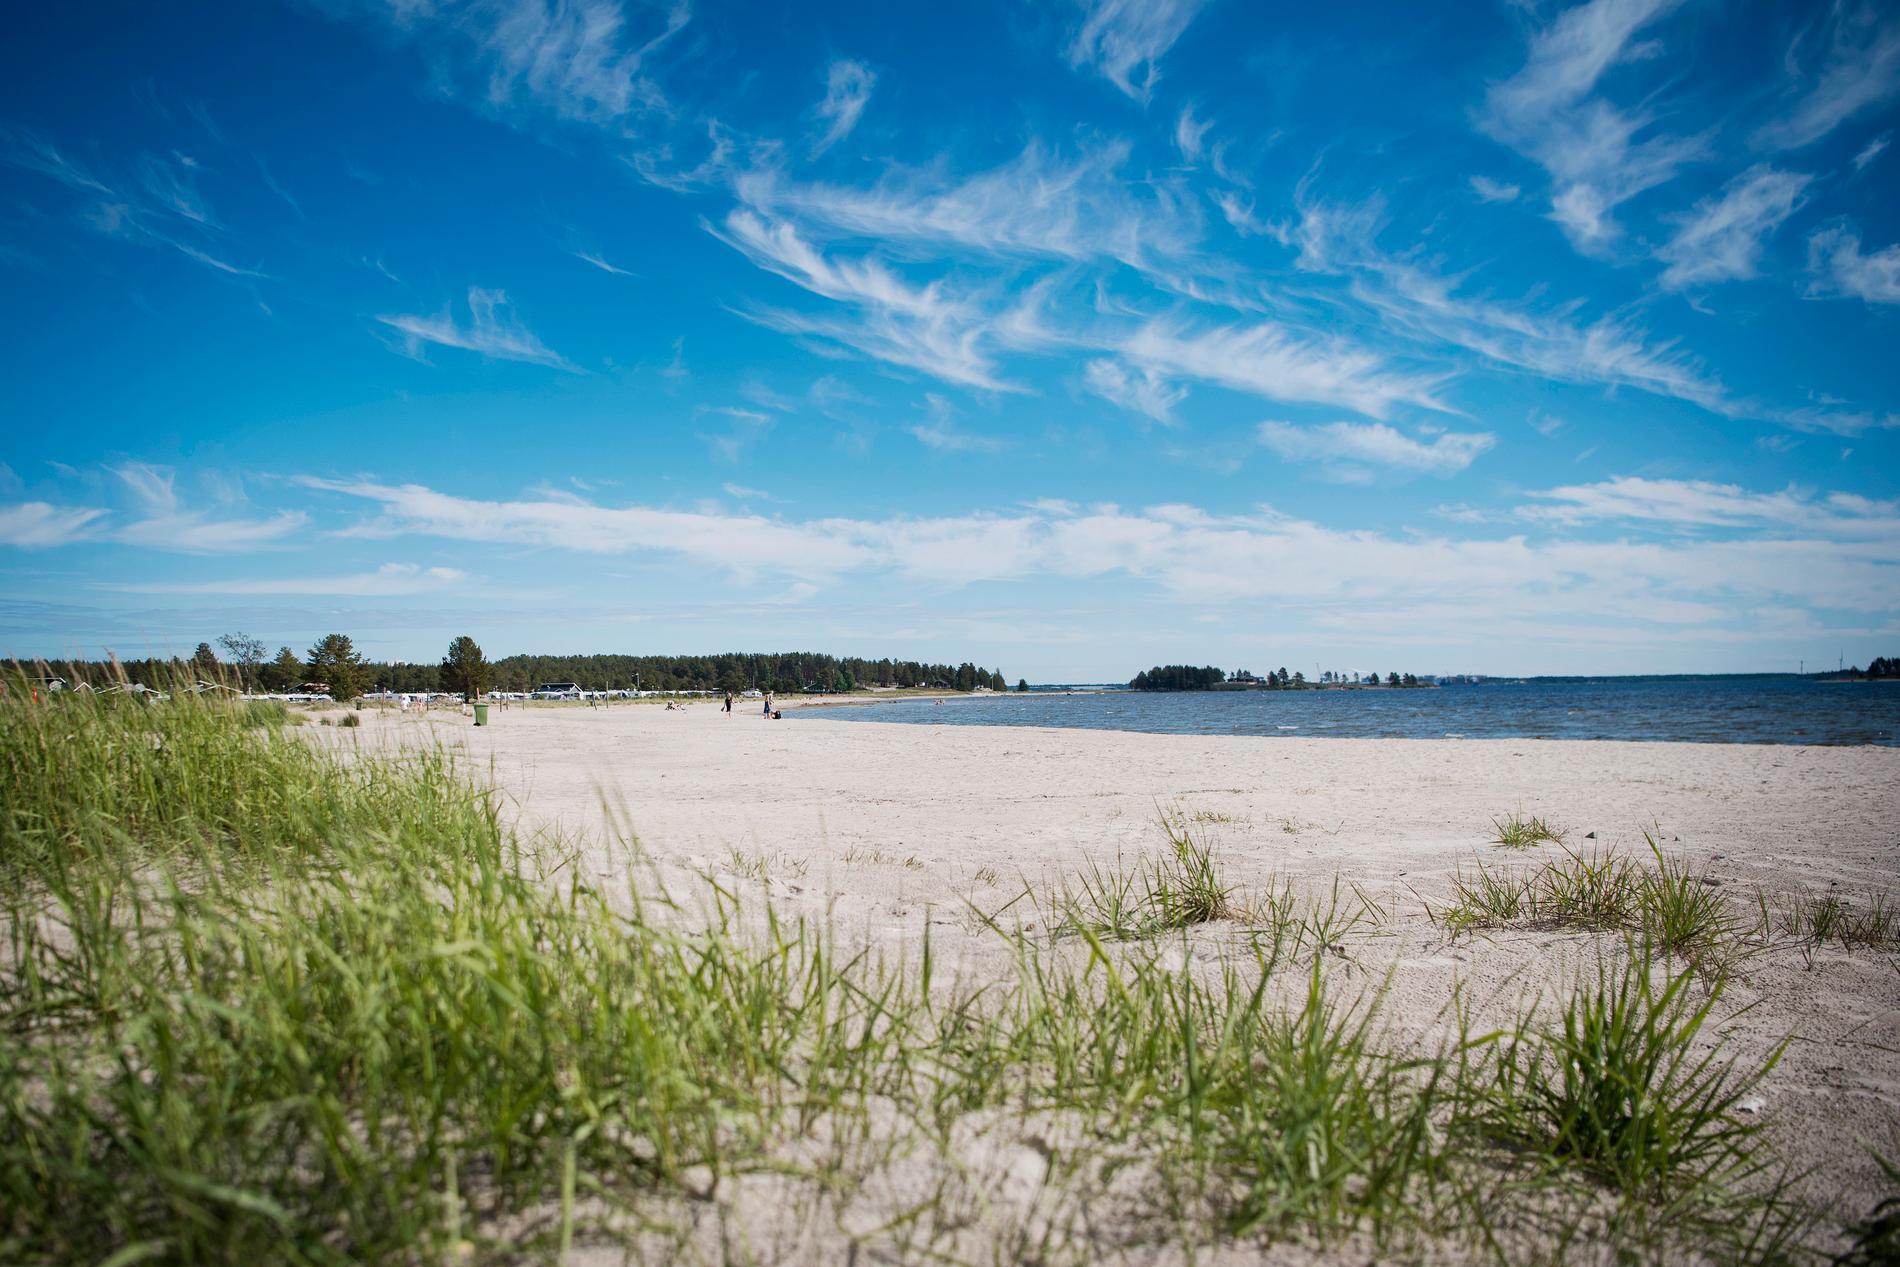 Pite havsbad kallas även för Norrbottens Riviera.